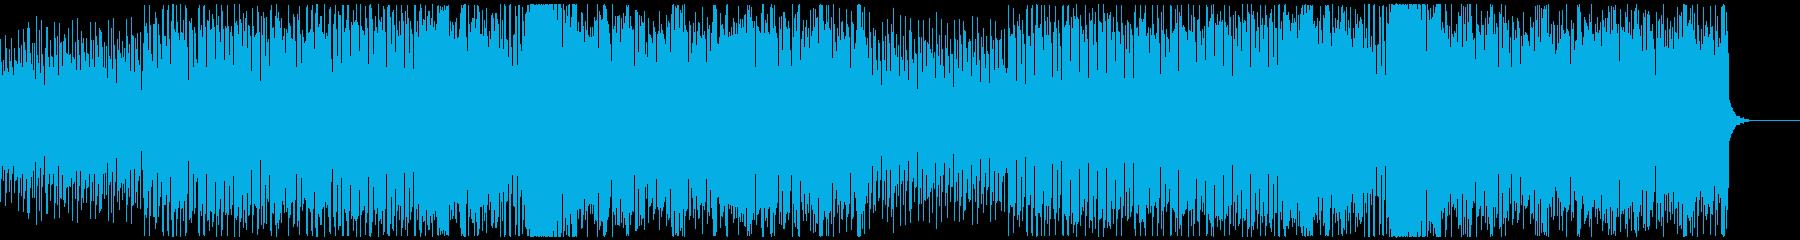 リズミカルなフルートが特徴的な民族系音楽の再生済みの波形